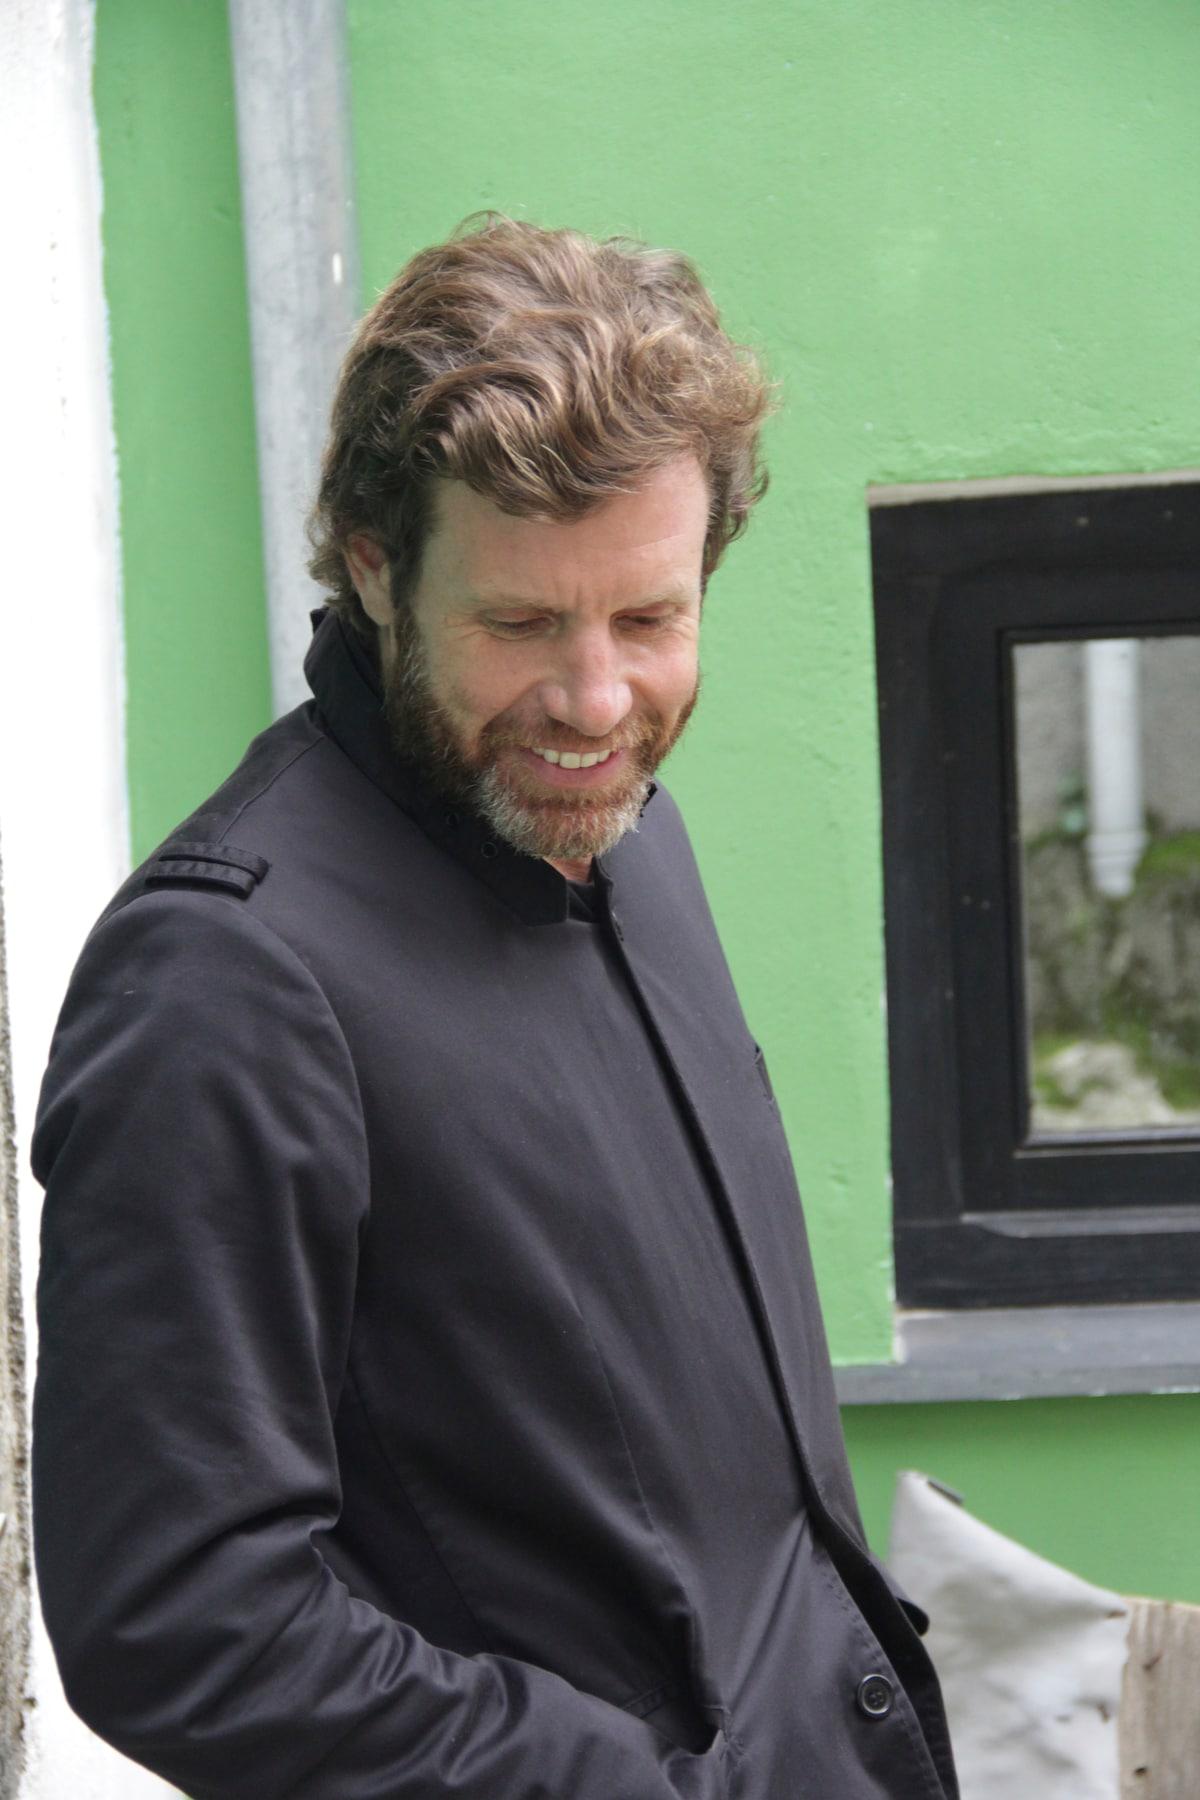 José Carlos from Peñacaballera